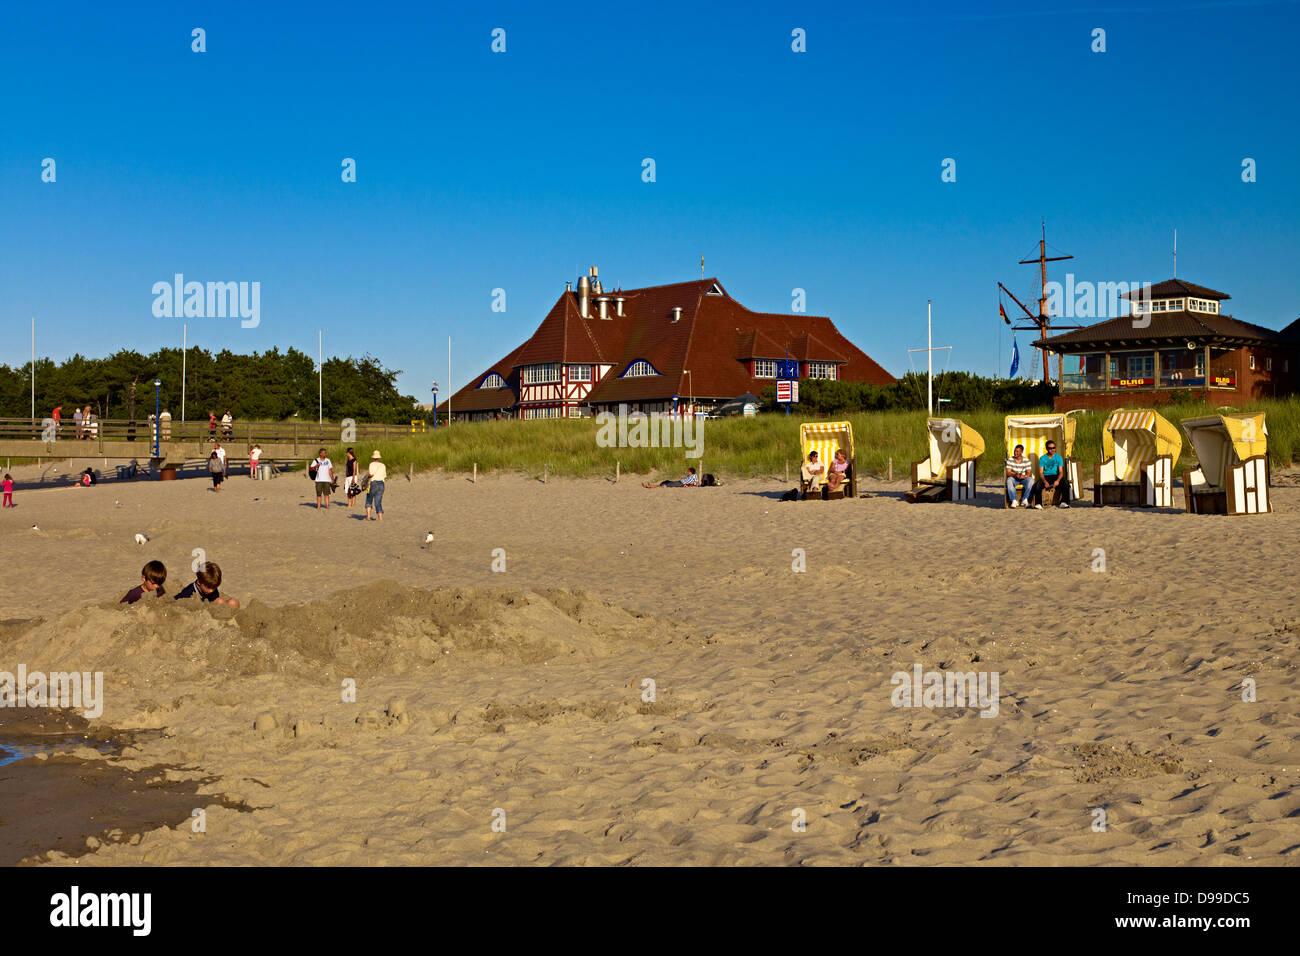 Playa con viejos Kurhaus, Fischland-Darss-Zingst, el Estado federado de Mecklemburgo-Pomerania Occidental, Alemania Foto de stock